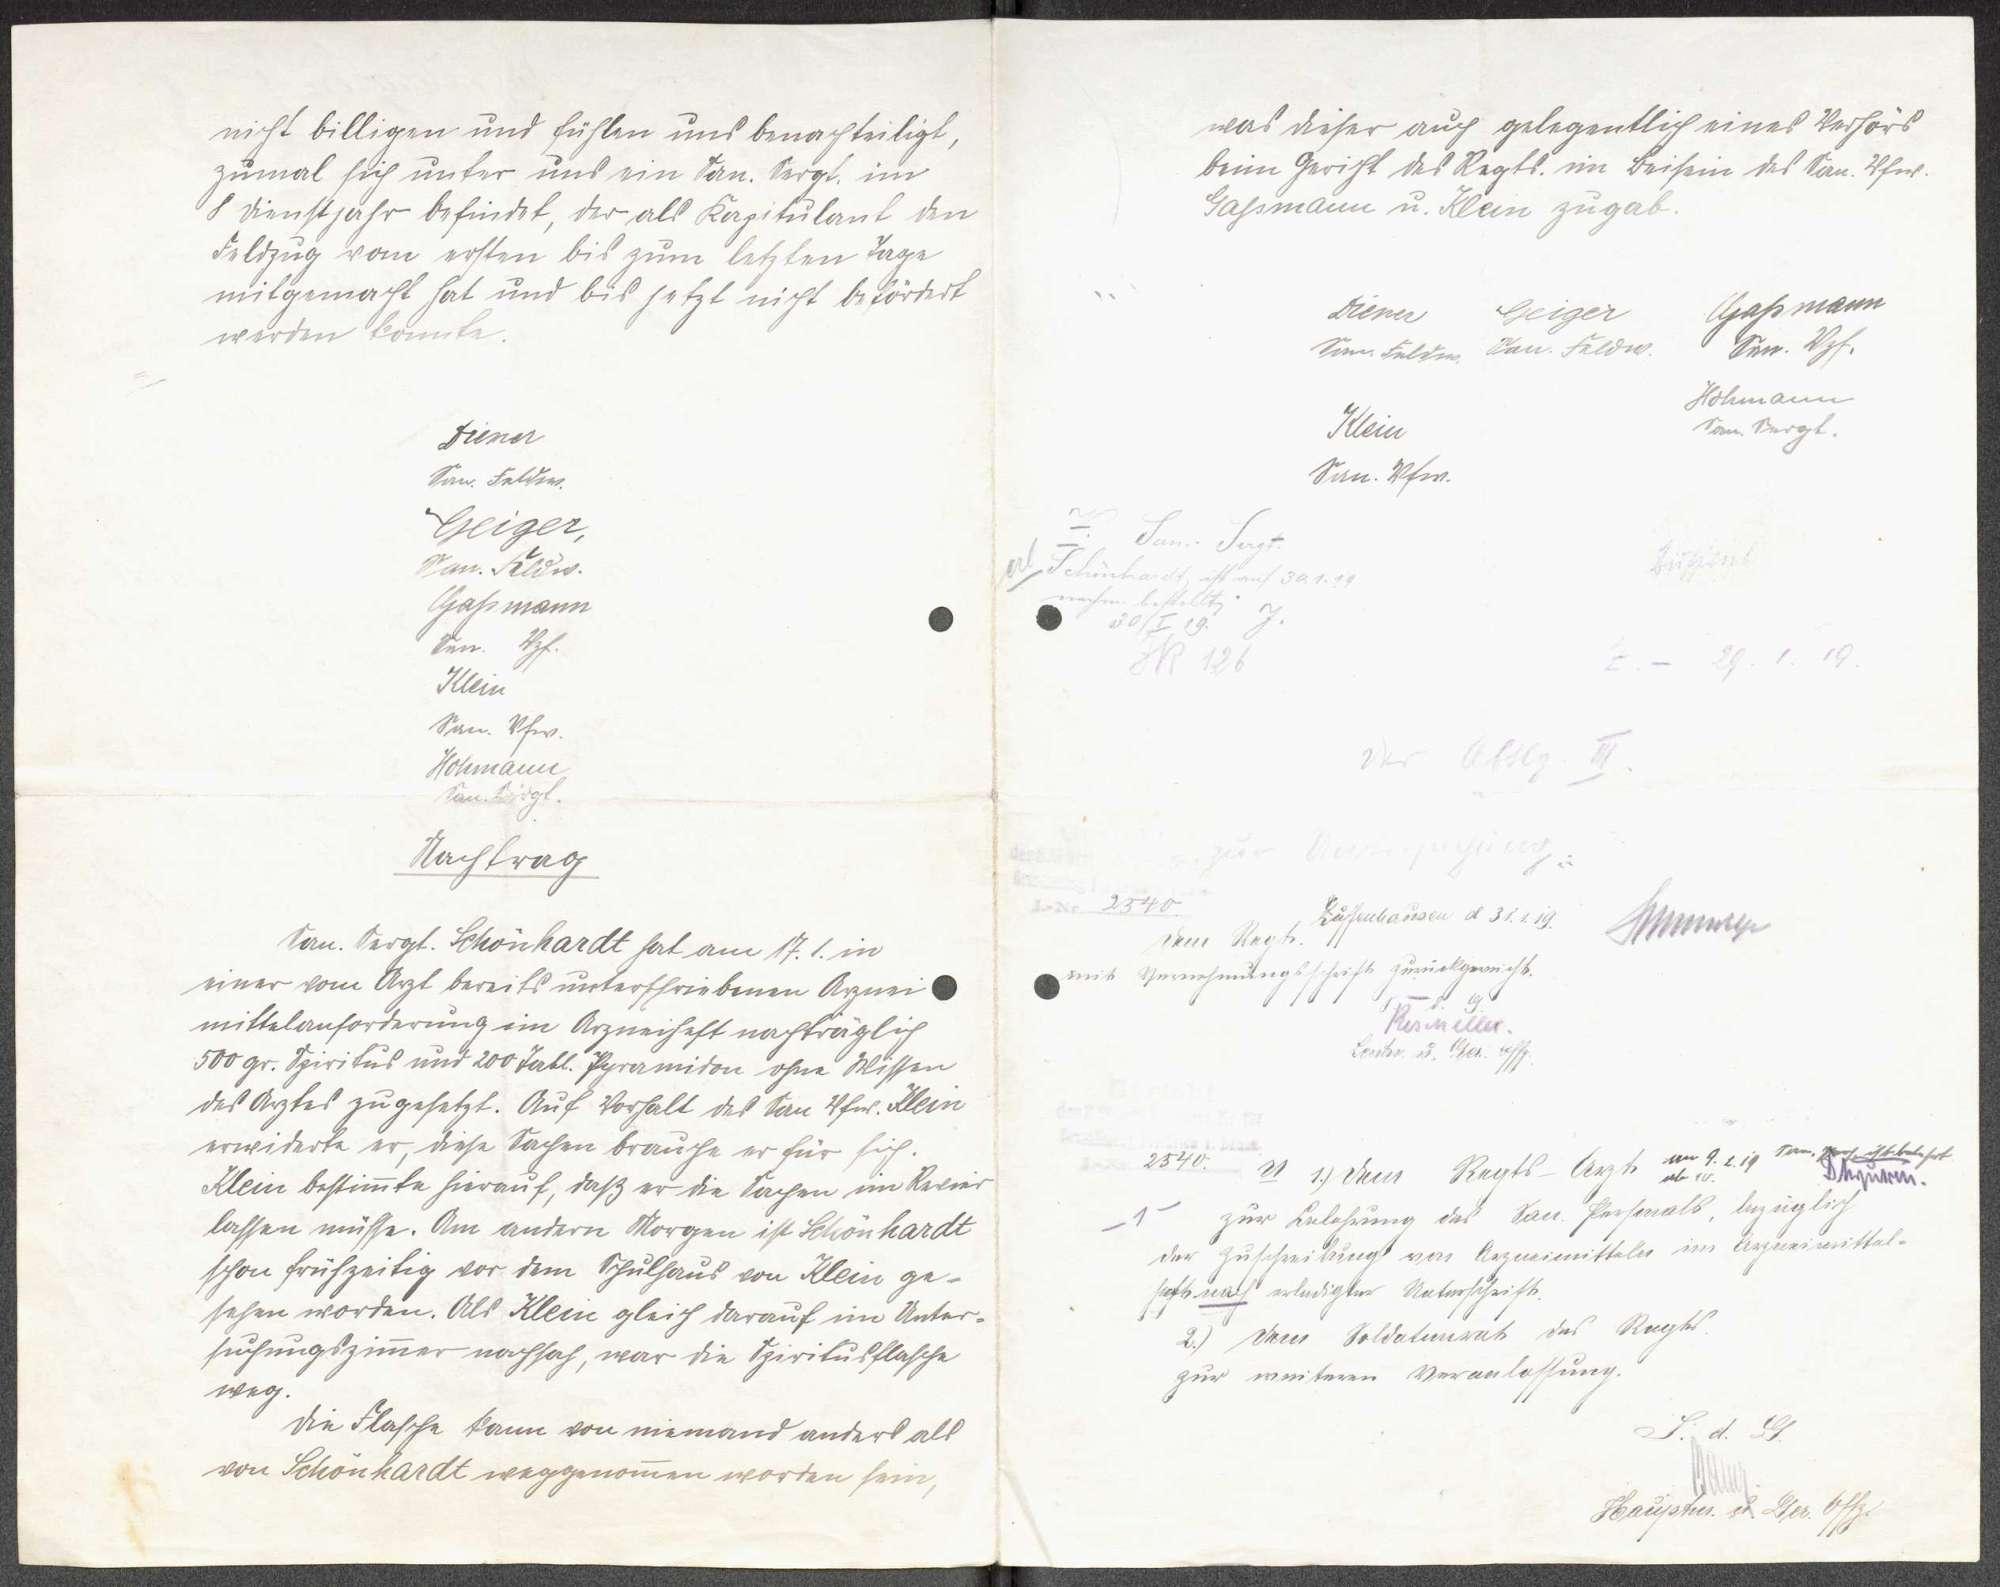 Anschuldigung eines Sanitätssergeanten und Missbilligung der Beförderung eines weiteren Sanitätssergeanten durch das Sanitätspersonal des Infanterie-Regiments Nr. 126, Bild 2